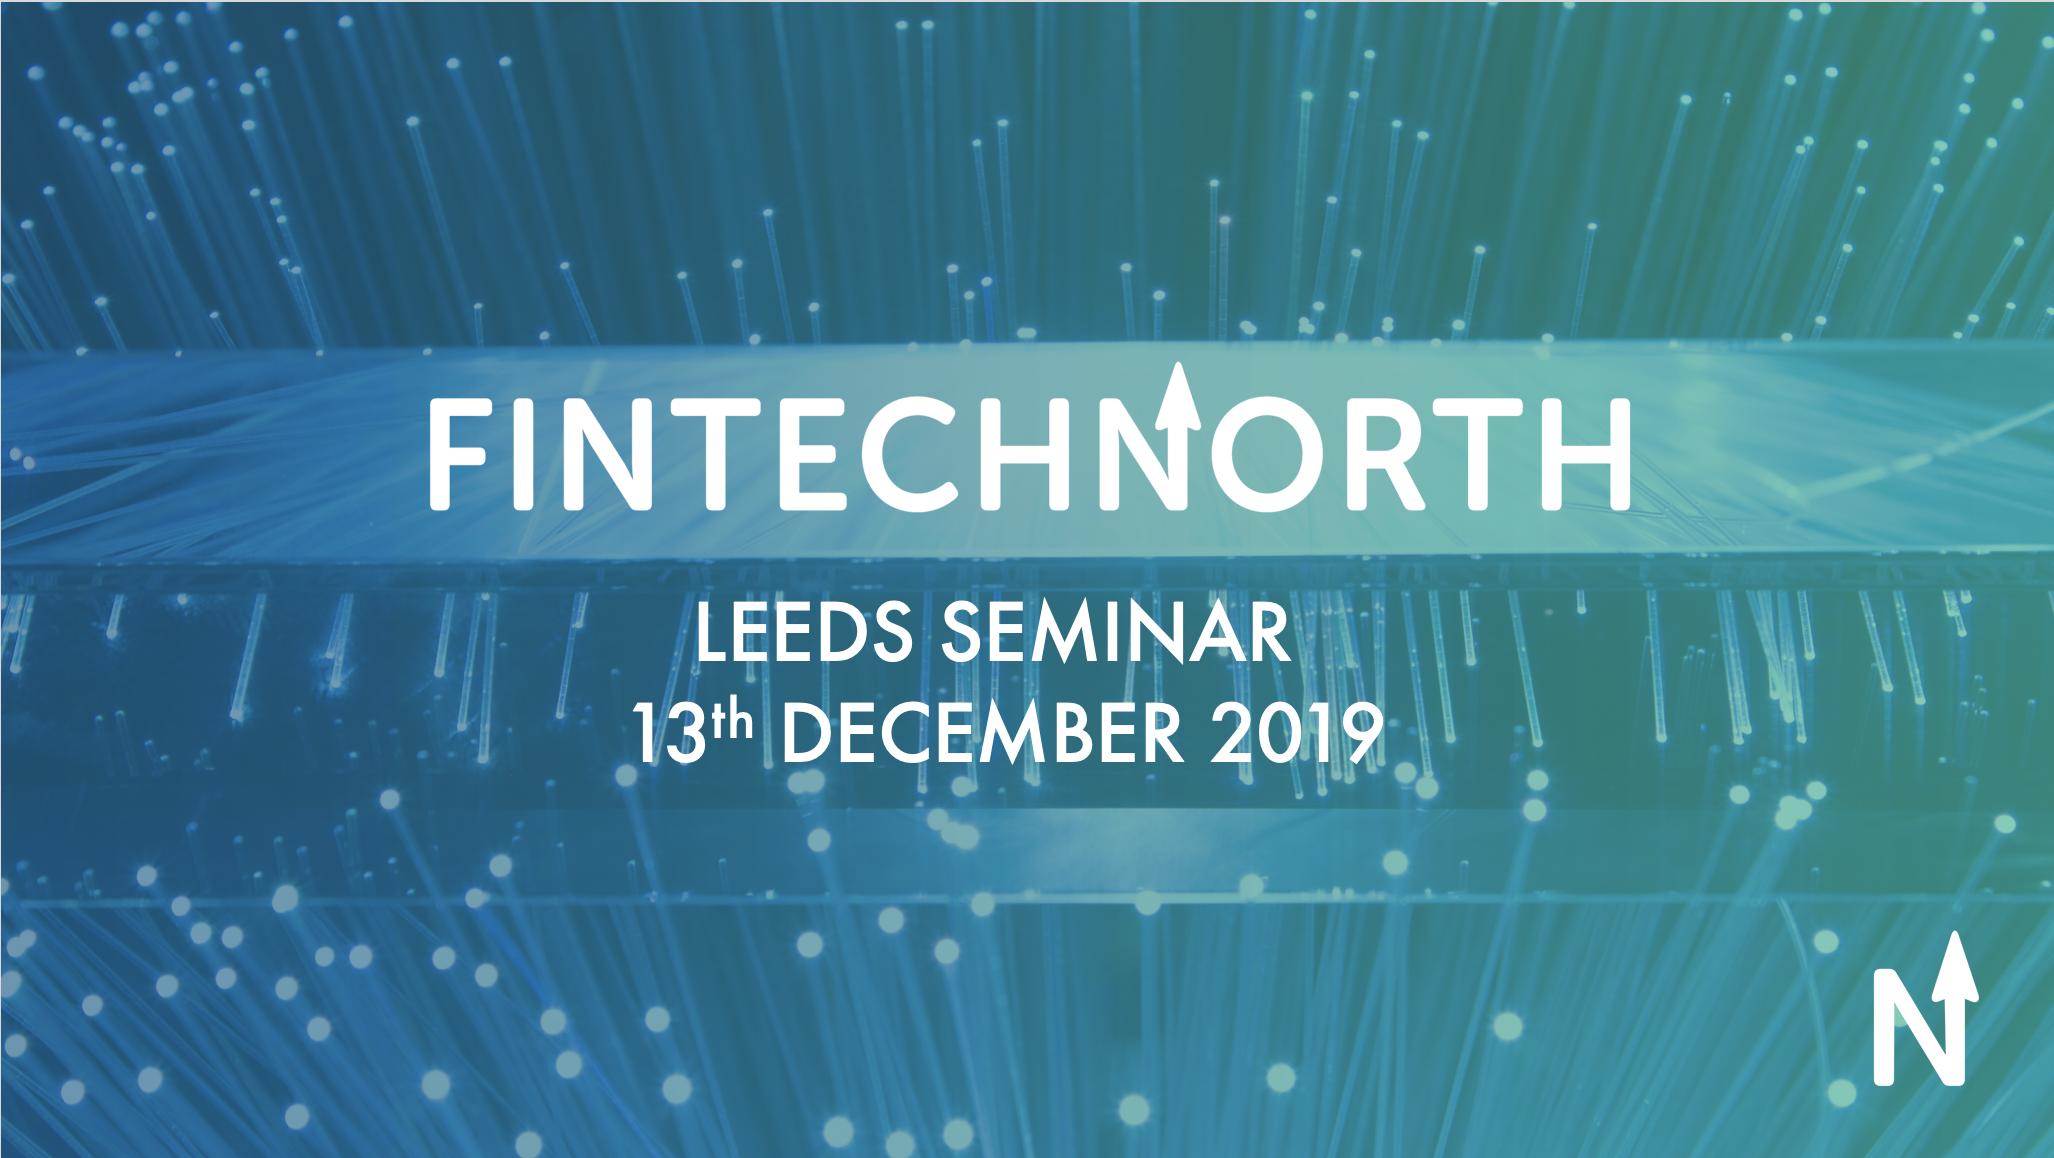 FinTech North Leeds Seminar